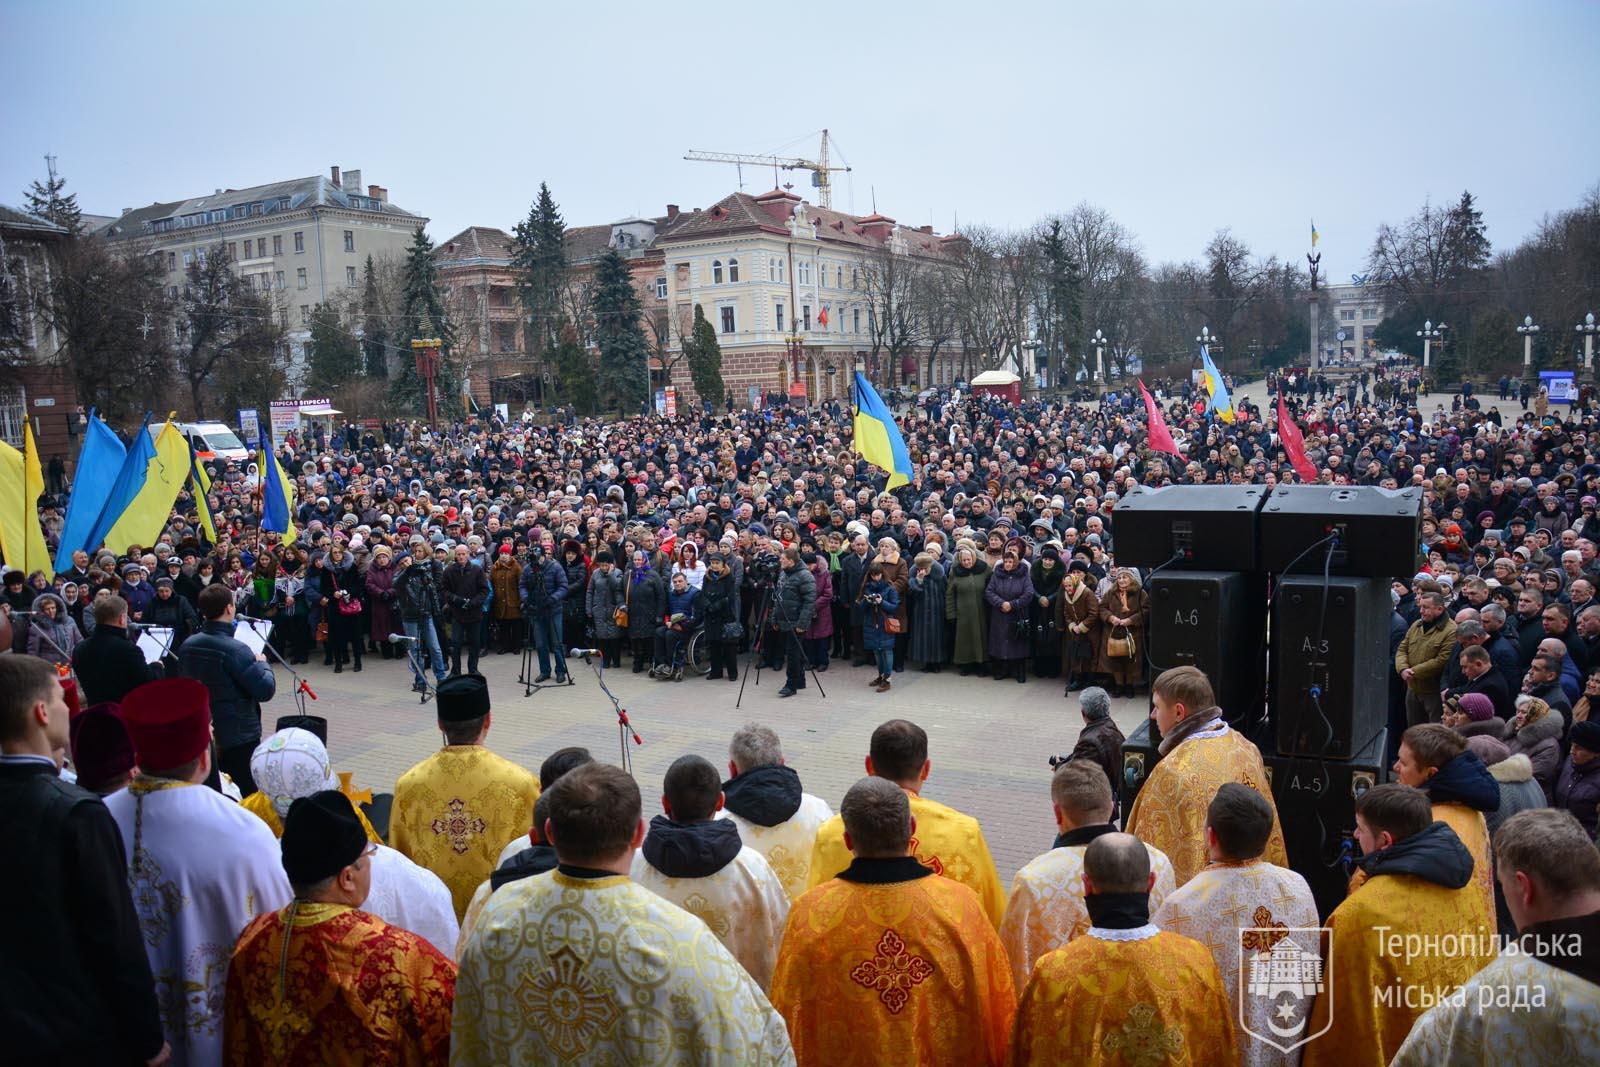 У Тернополі вшанували пам'ять Героїв Небесної Сотні (ФОТО)